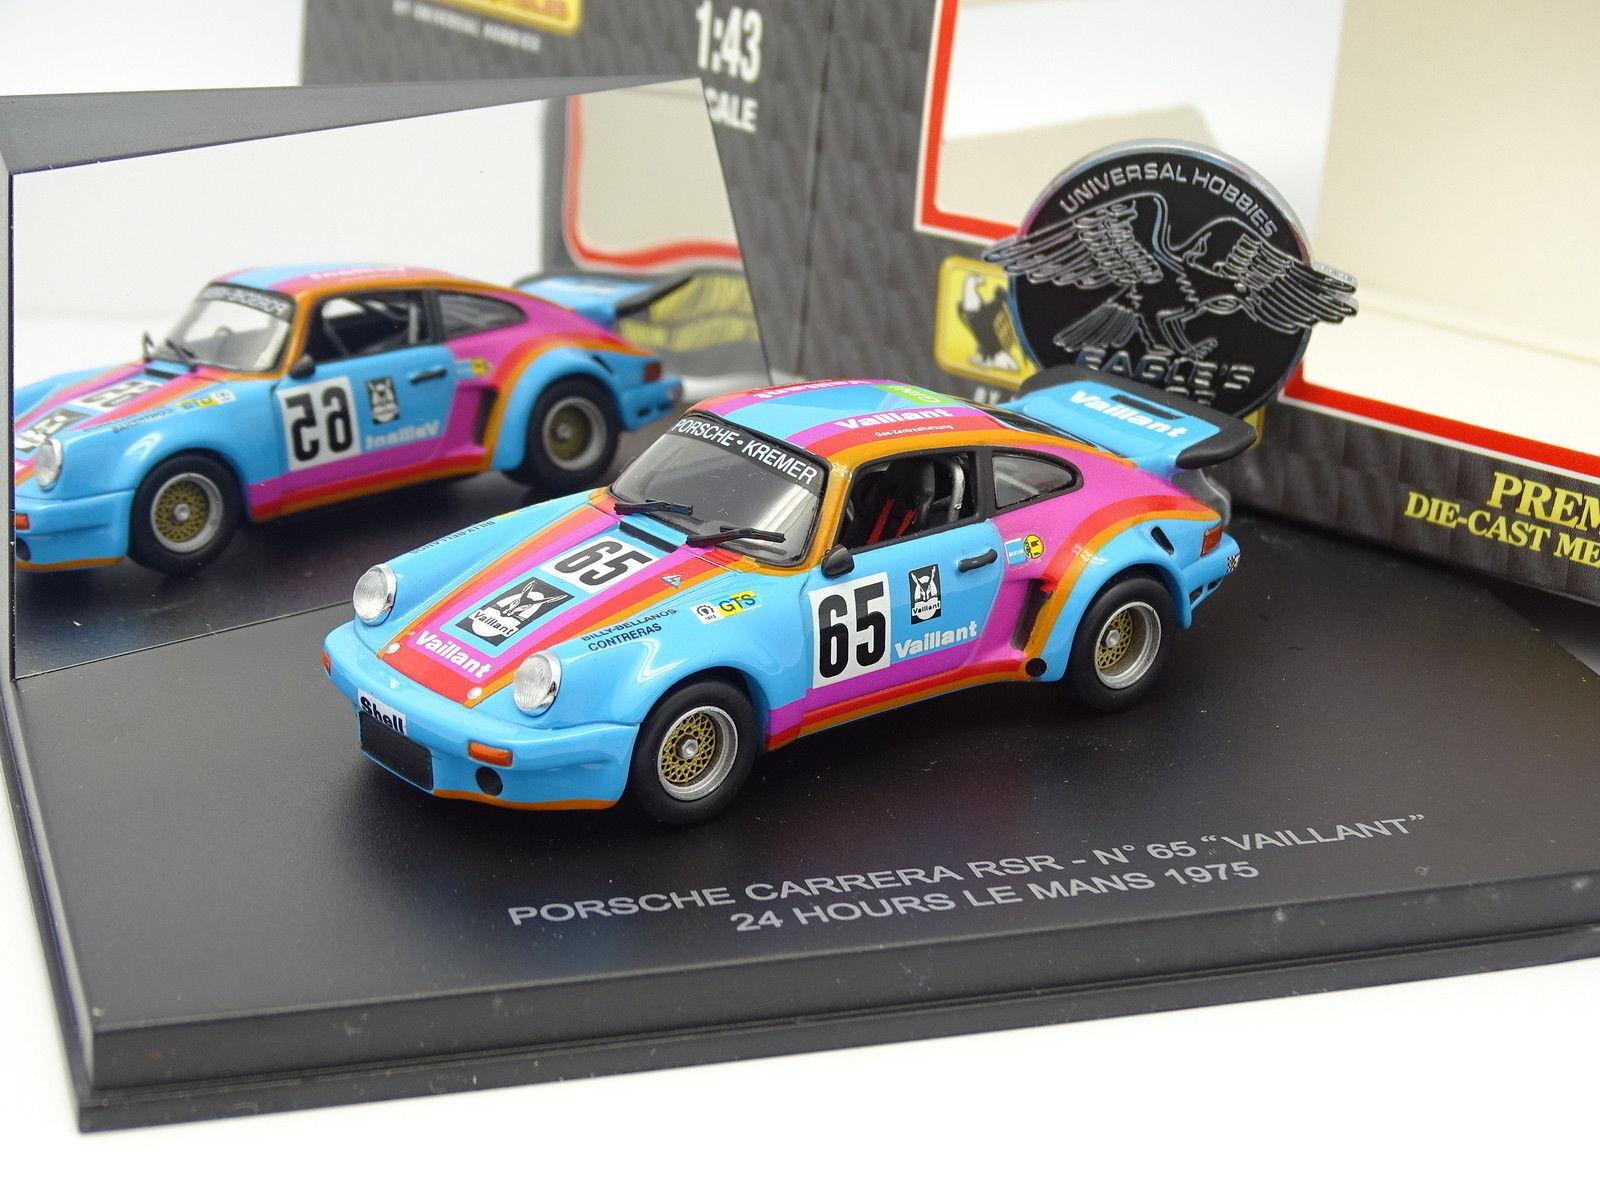 UH 1 43 43 43 - Porsche 911 CARRERA rsr Nr.65 Vaillant le mans 1975  | Deutschland  67e471